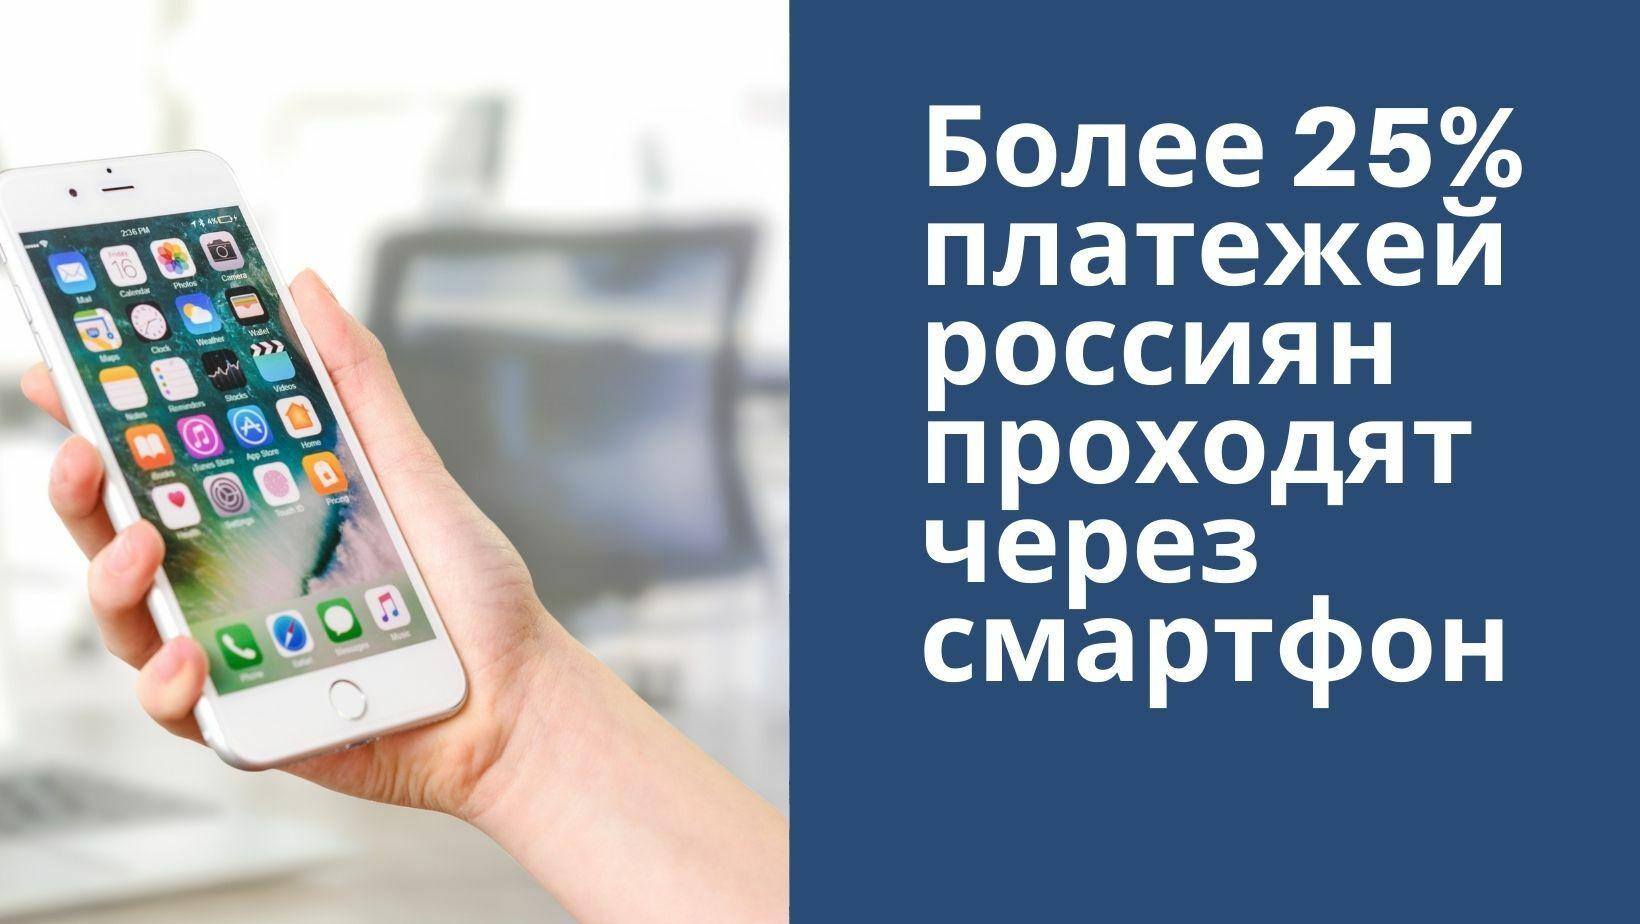 Более 25% платежей россиян проходят через смартфон